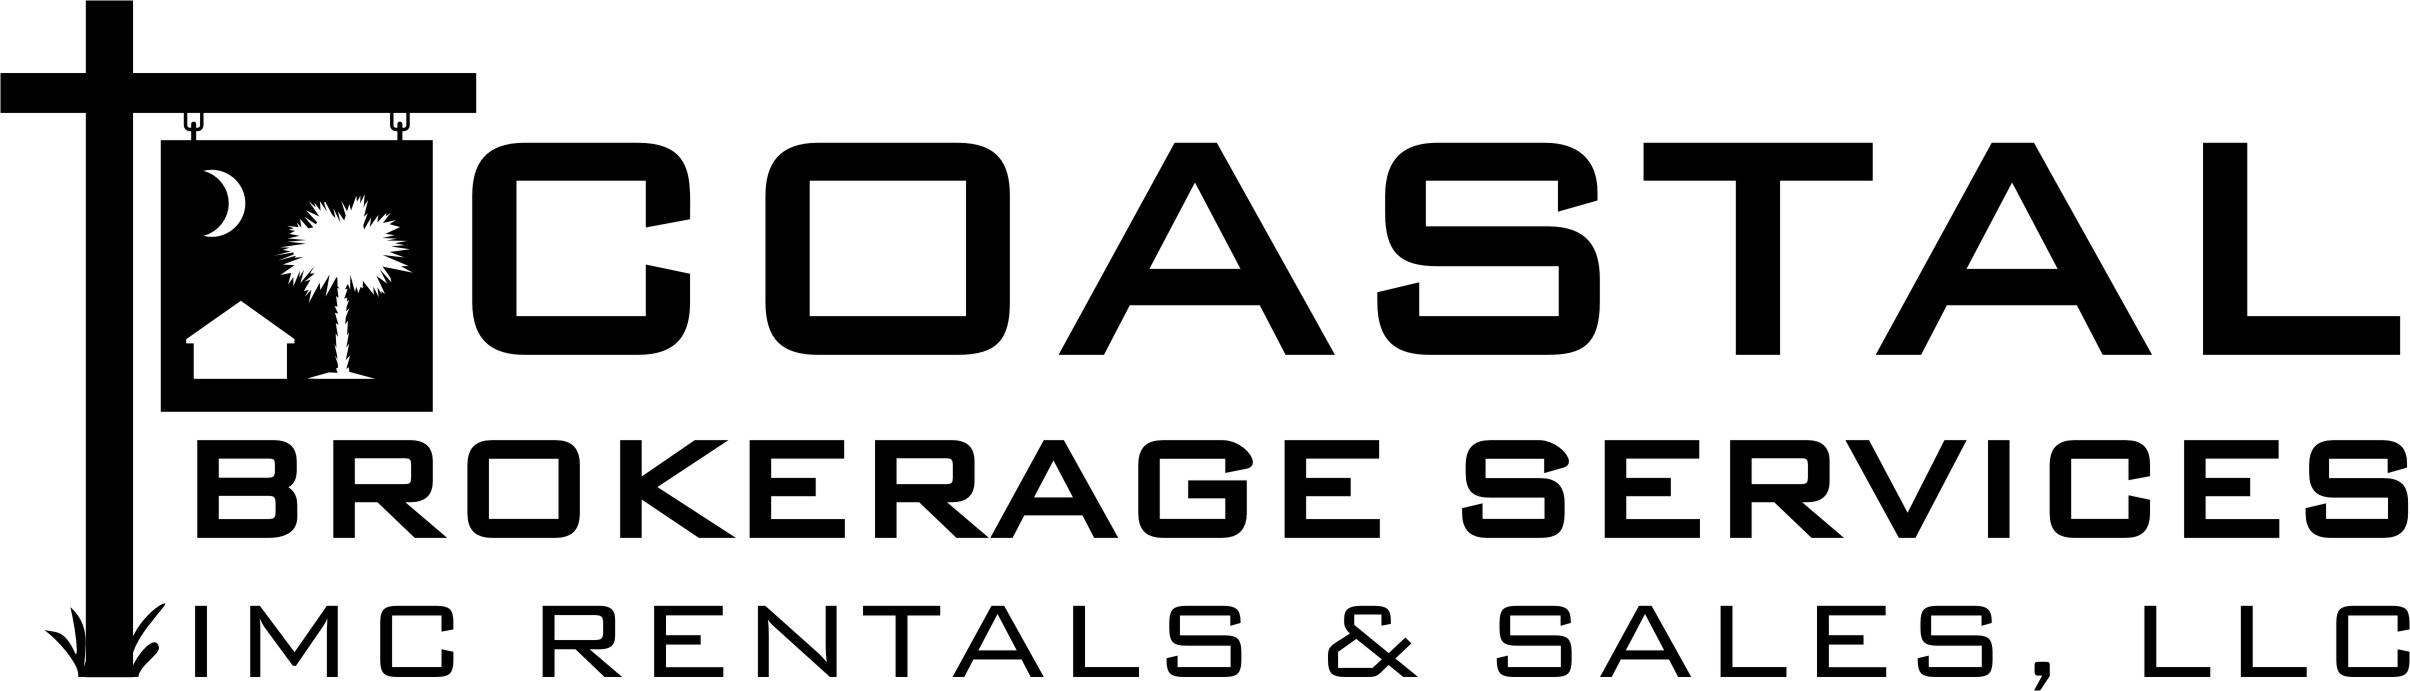 Coastal Brokerage Services